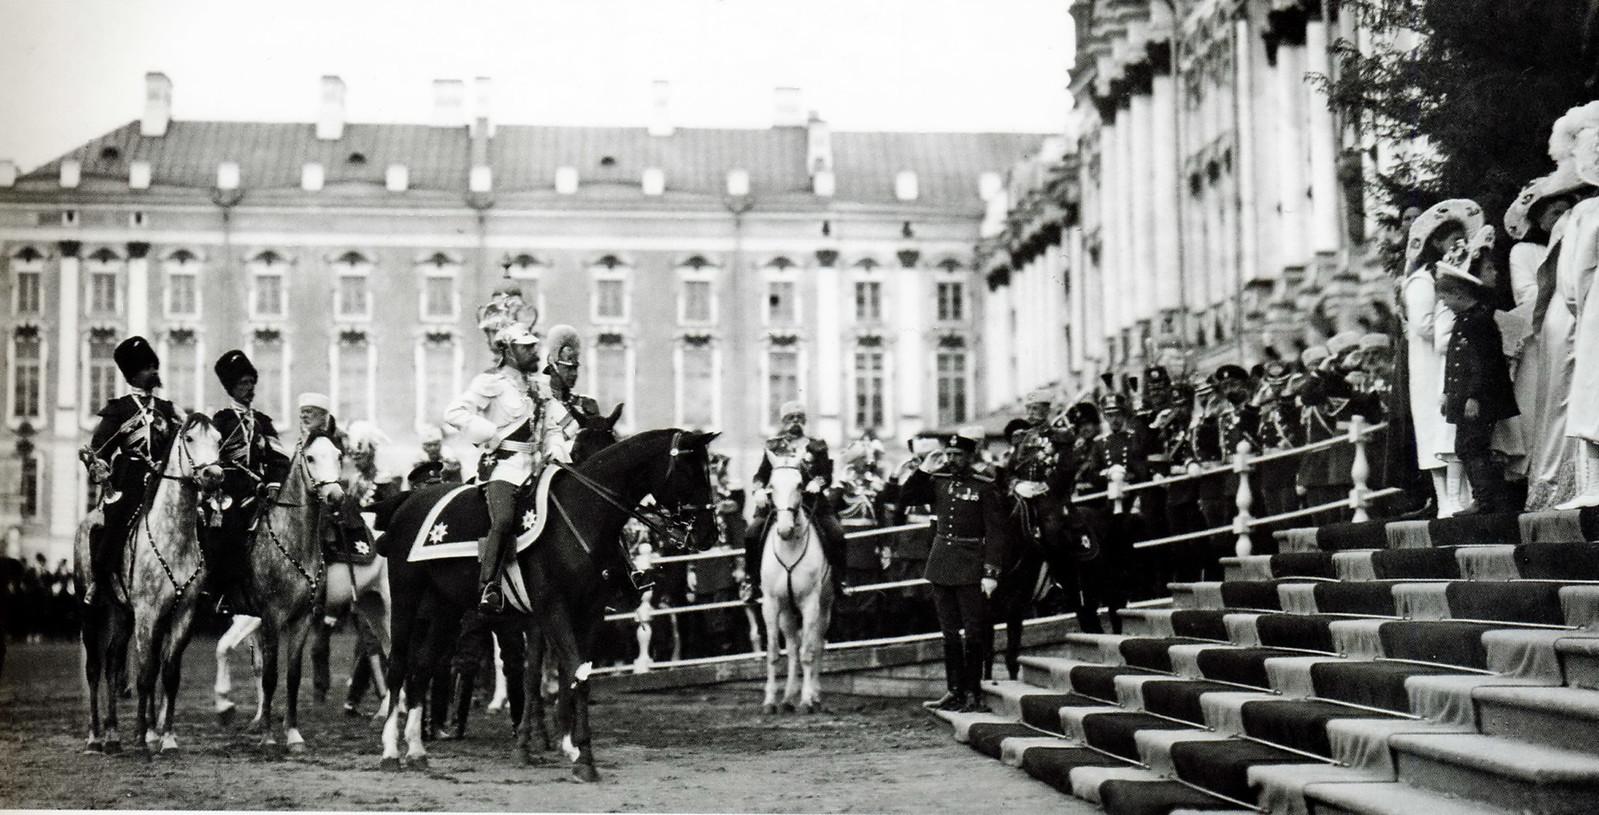 1911. Николай II и принц Фридрих Вильгельм. Царское Село, 4 мая